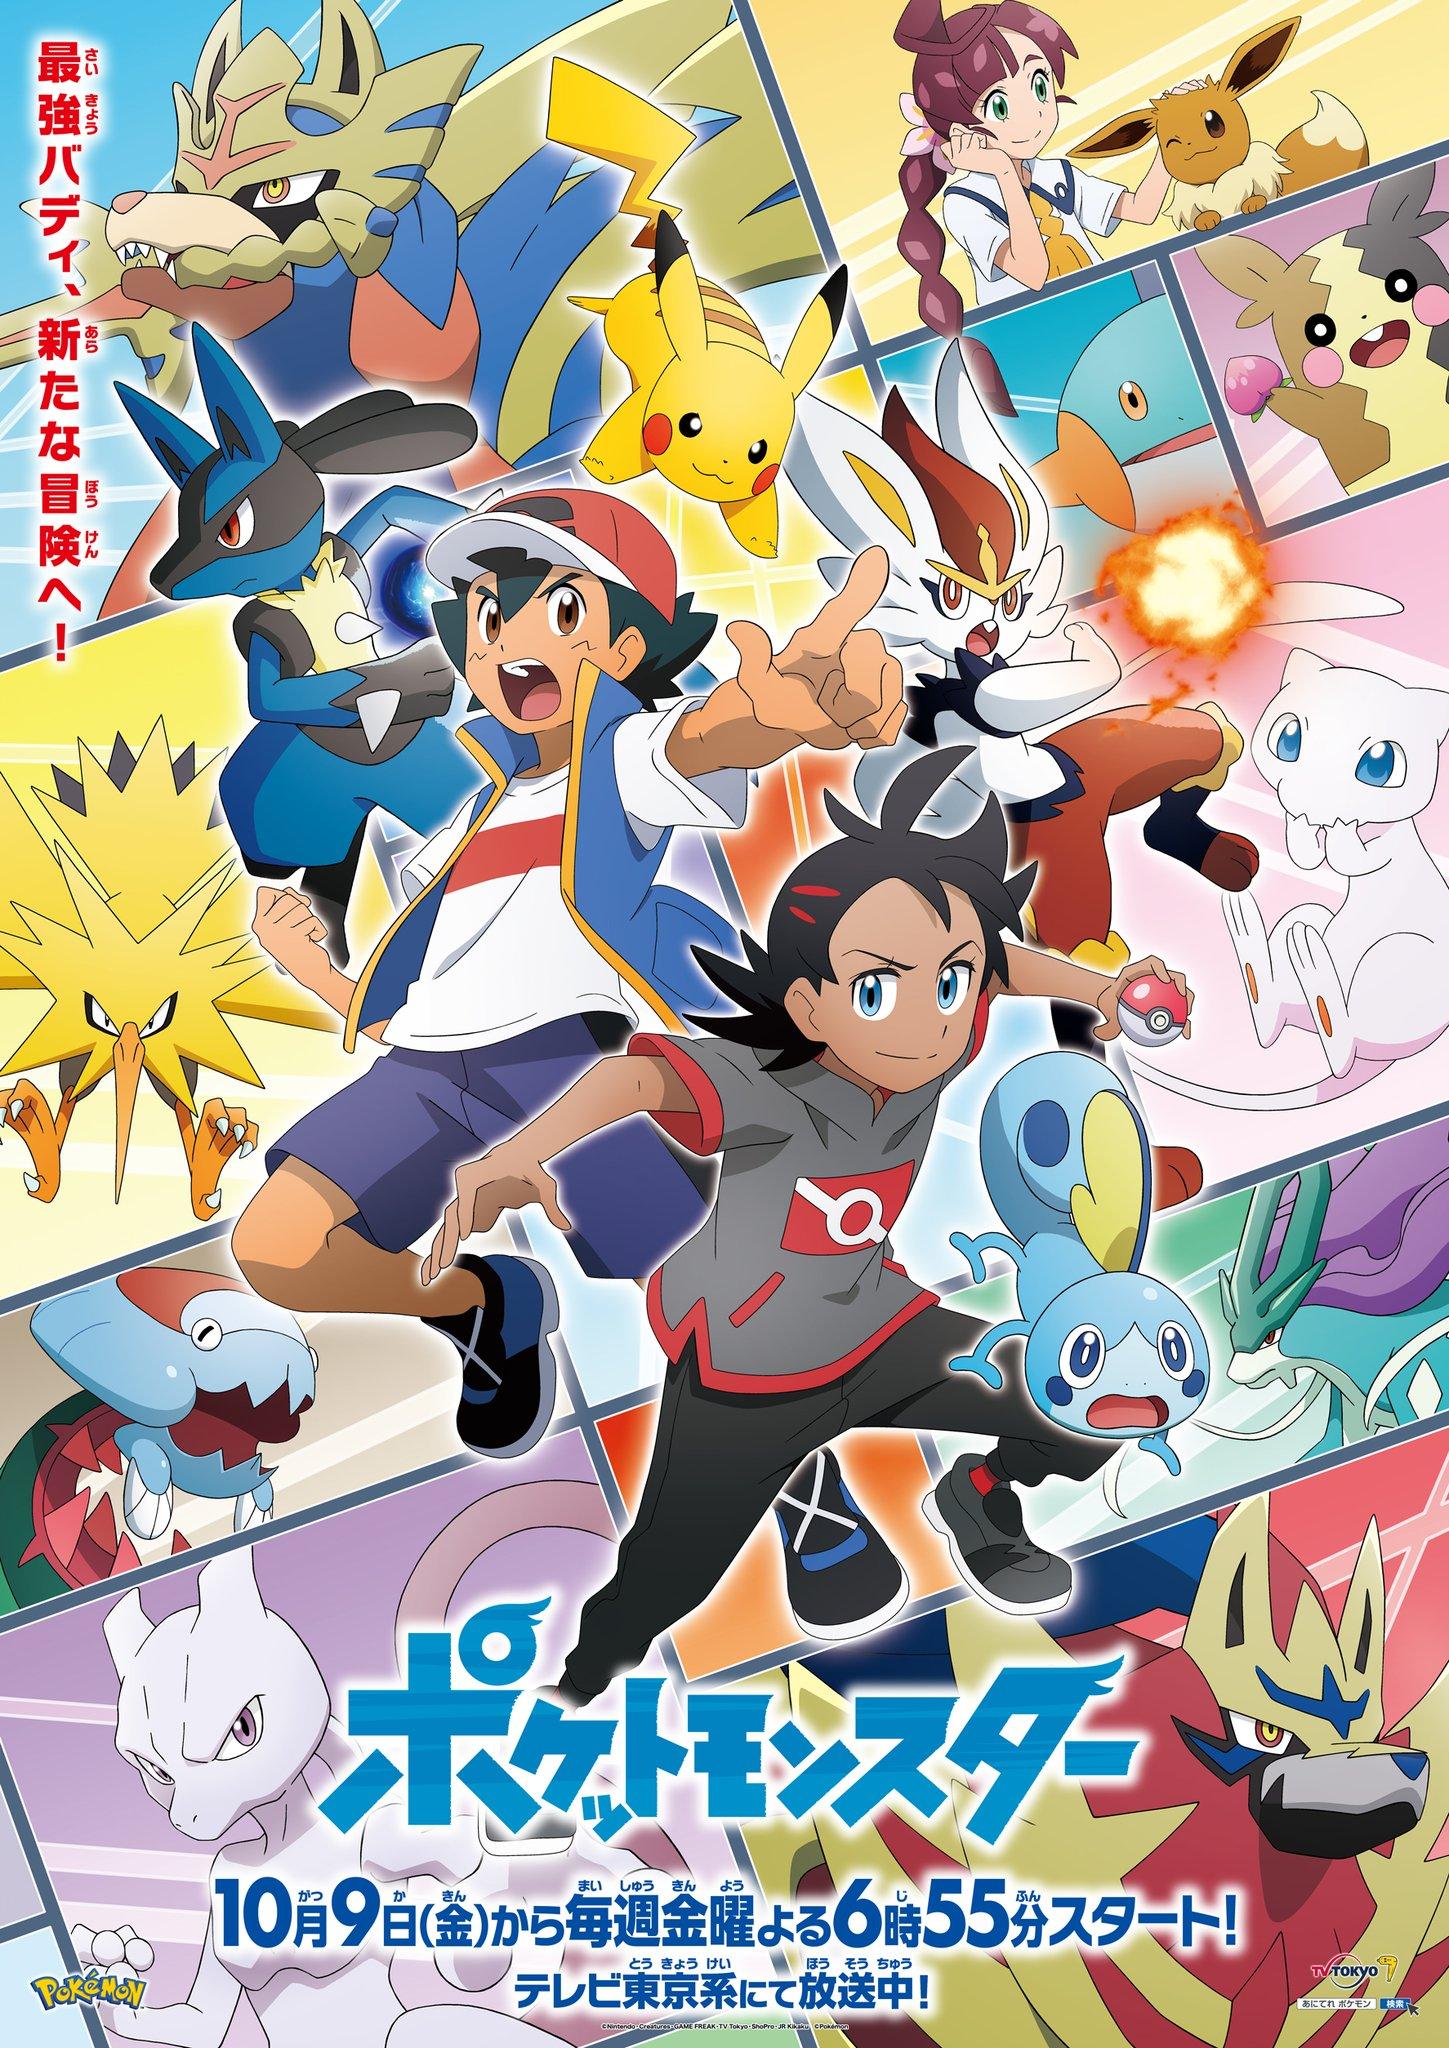 Nuevo Horario Anime Pokémon Viajes